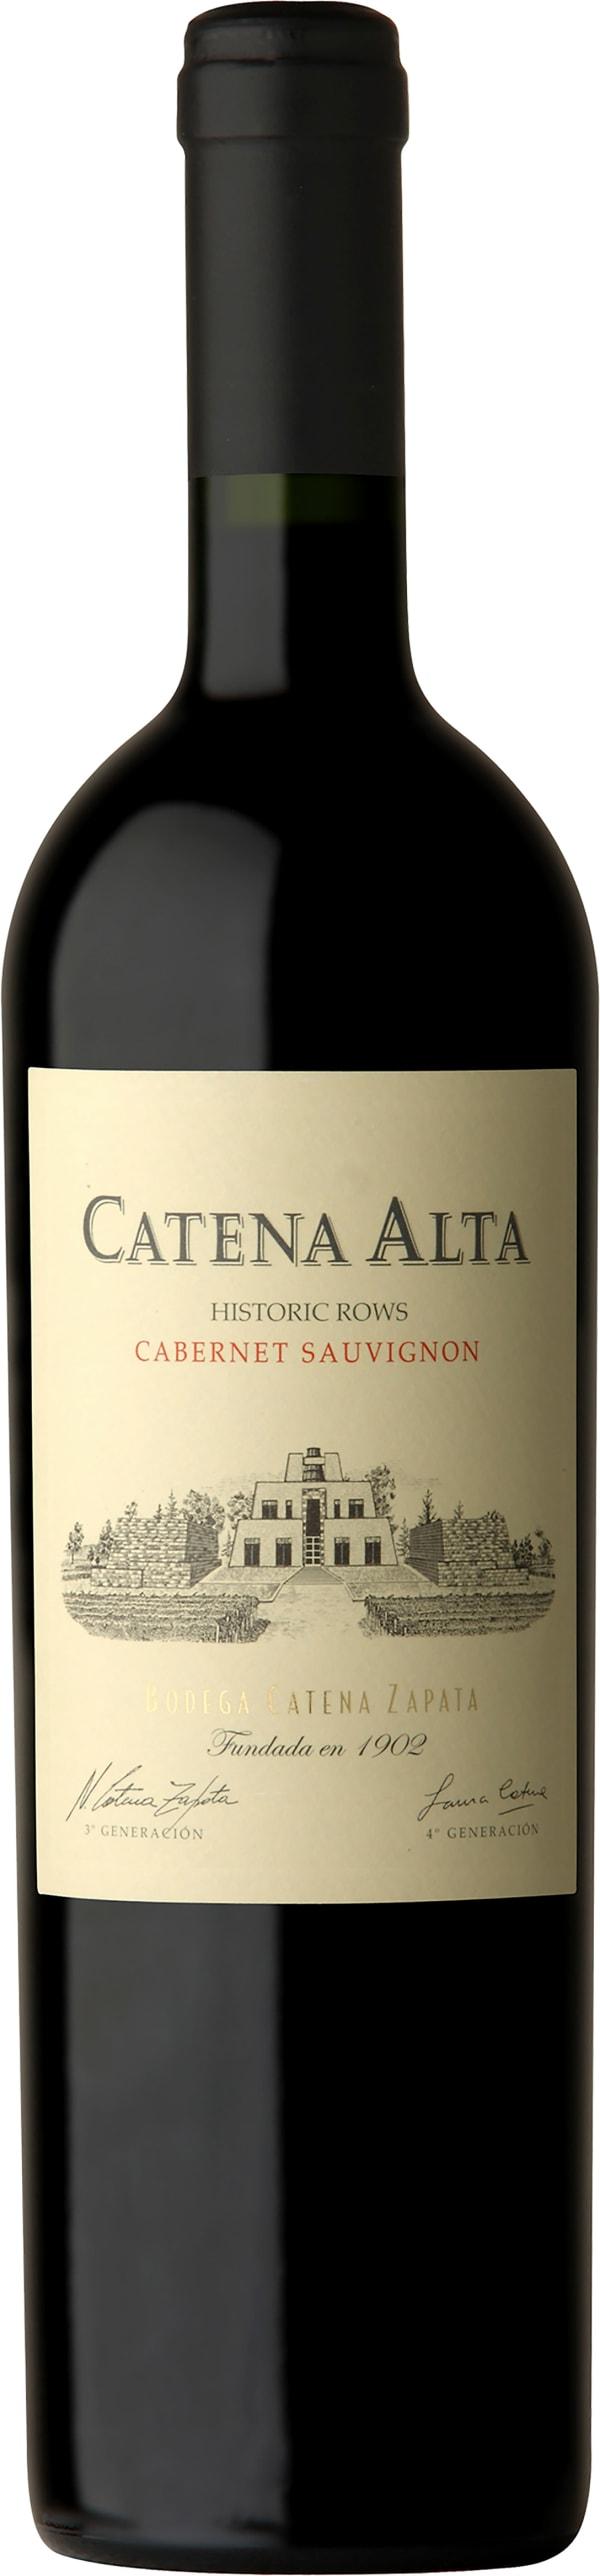 Catena Alta Cabernet Sauvignon 2009